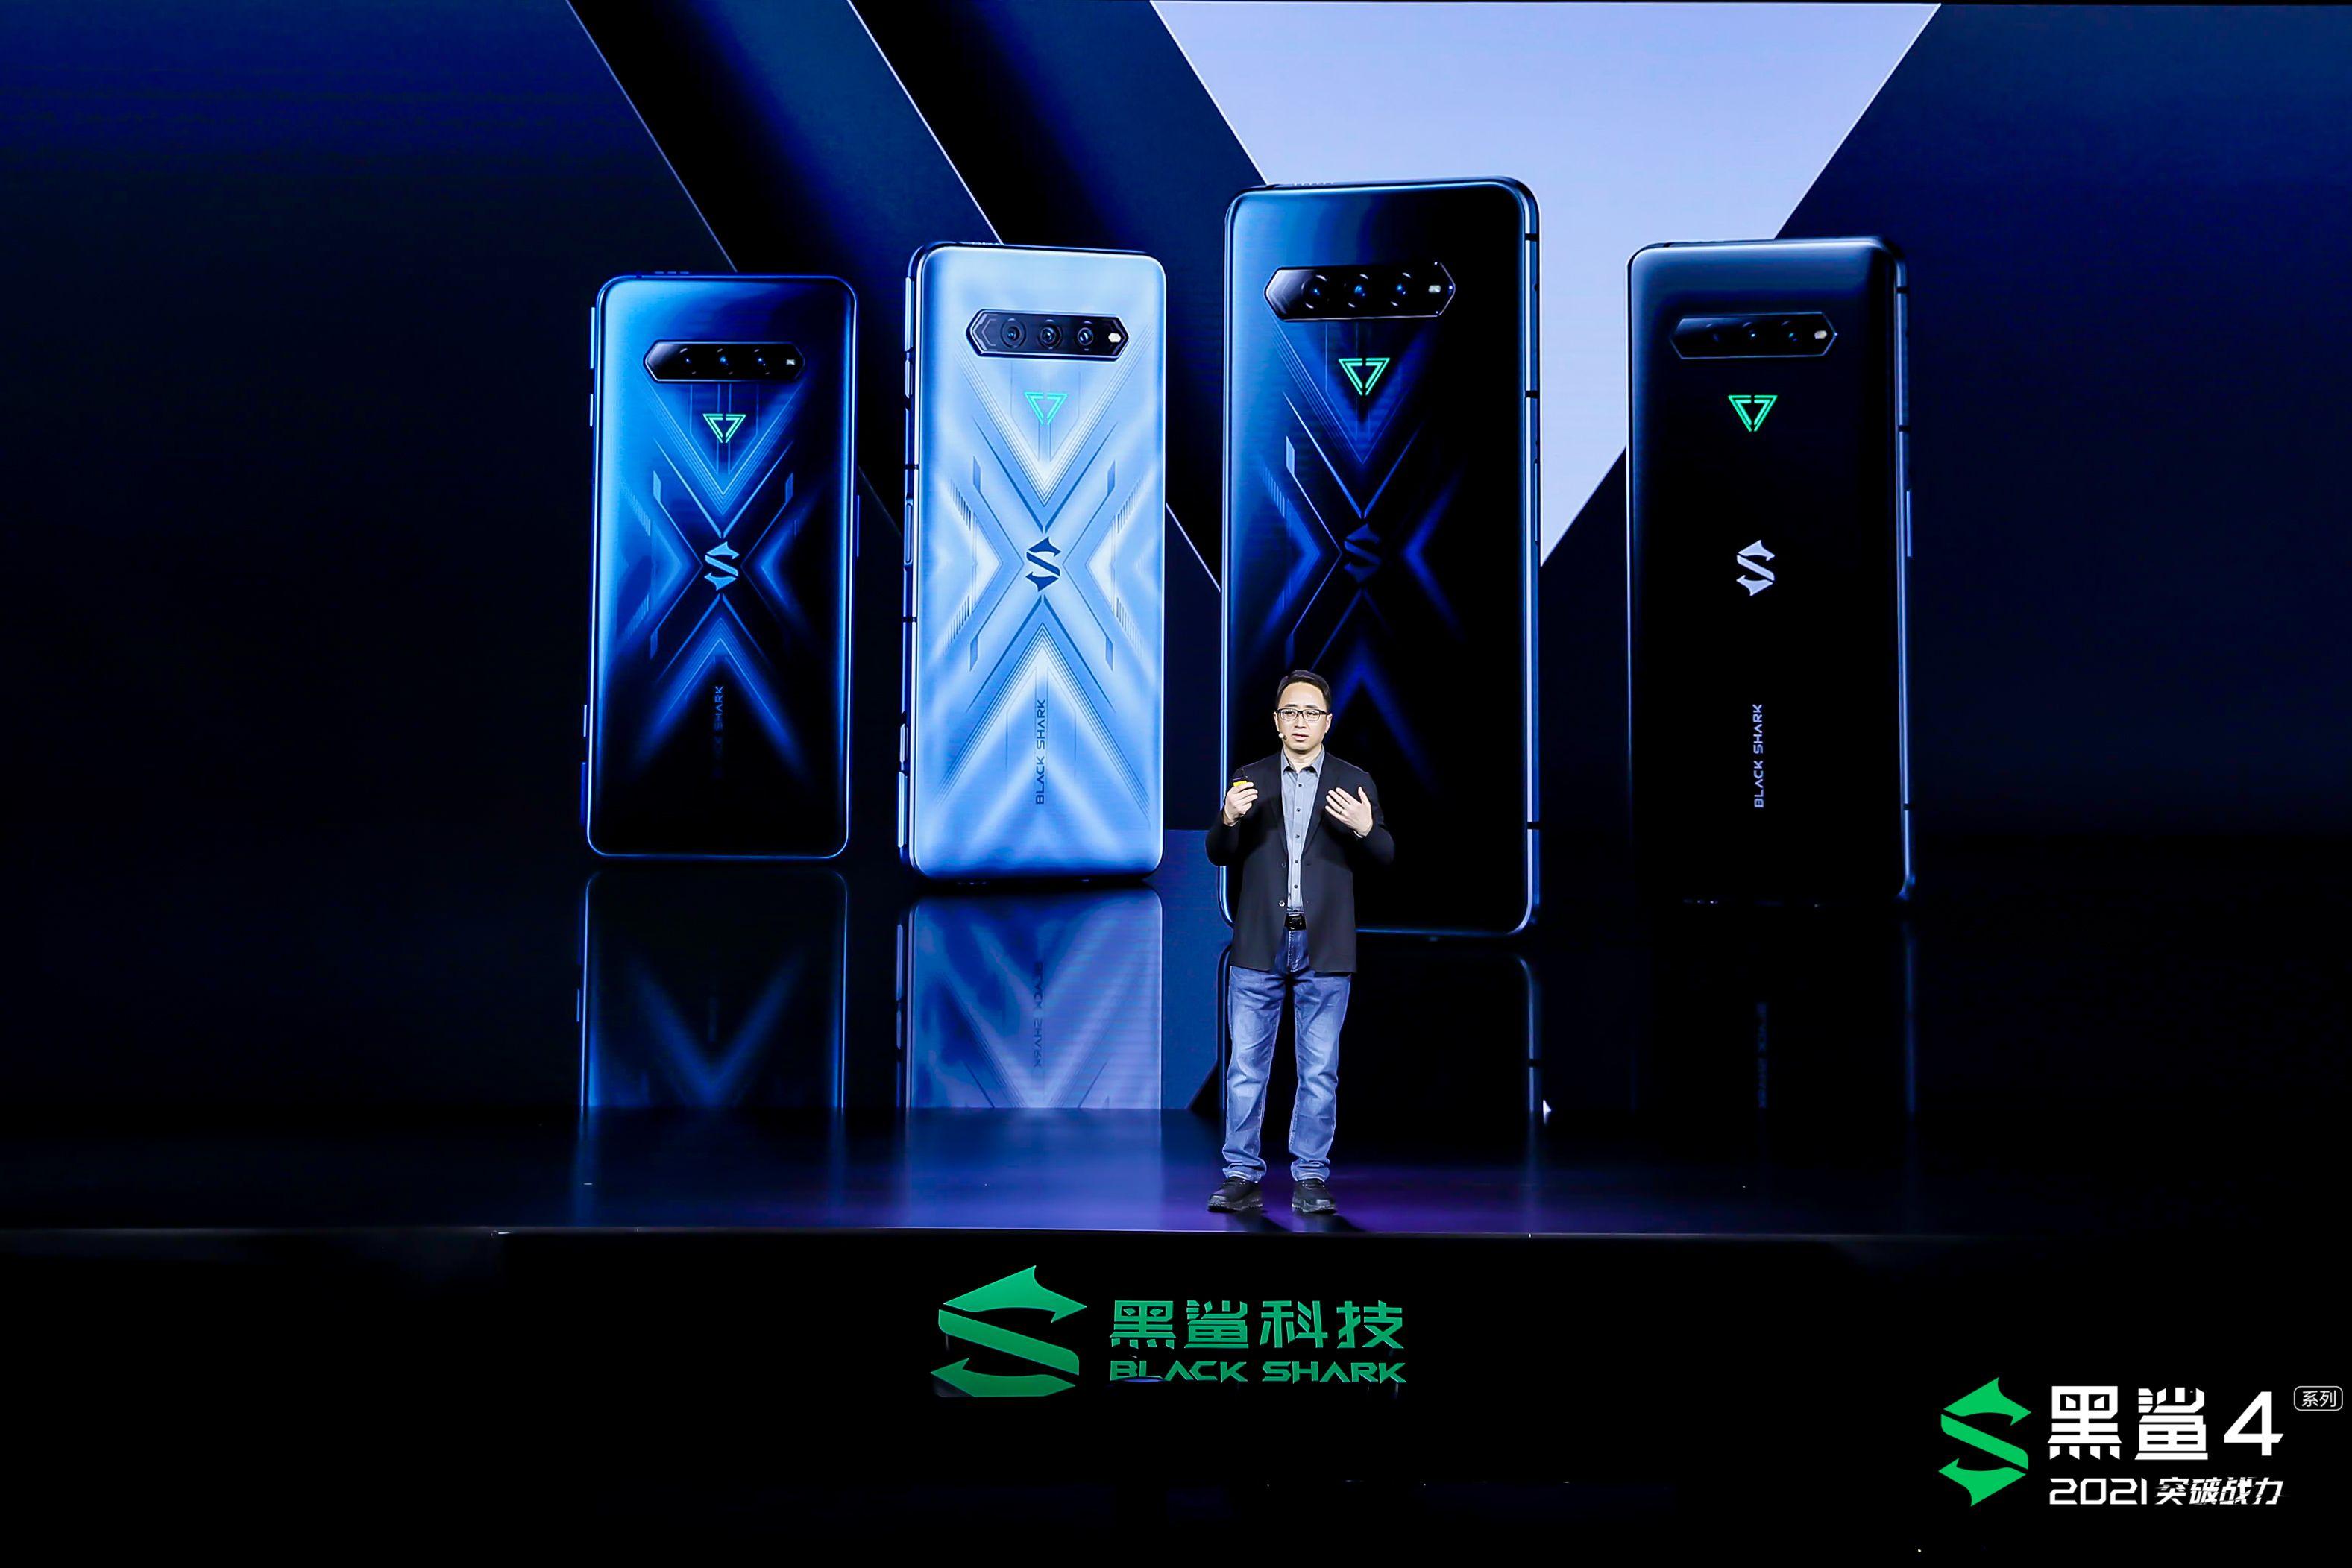 黑鲨4系列手机正式发布 售价2499元起